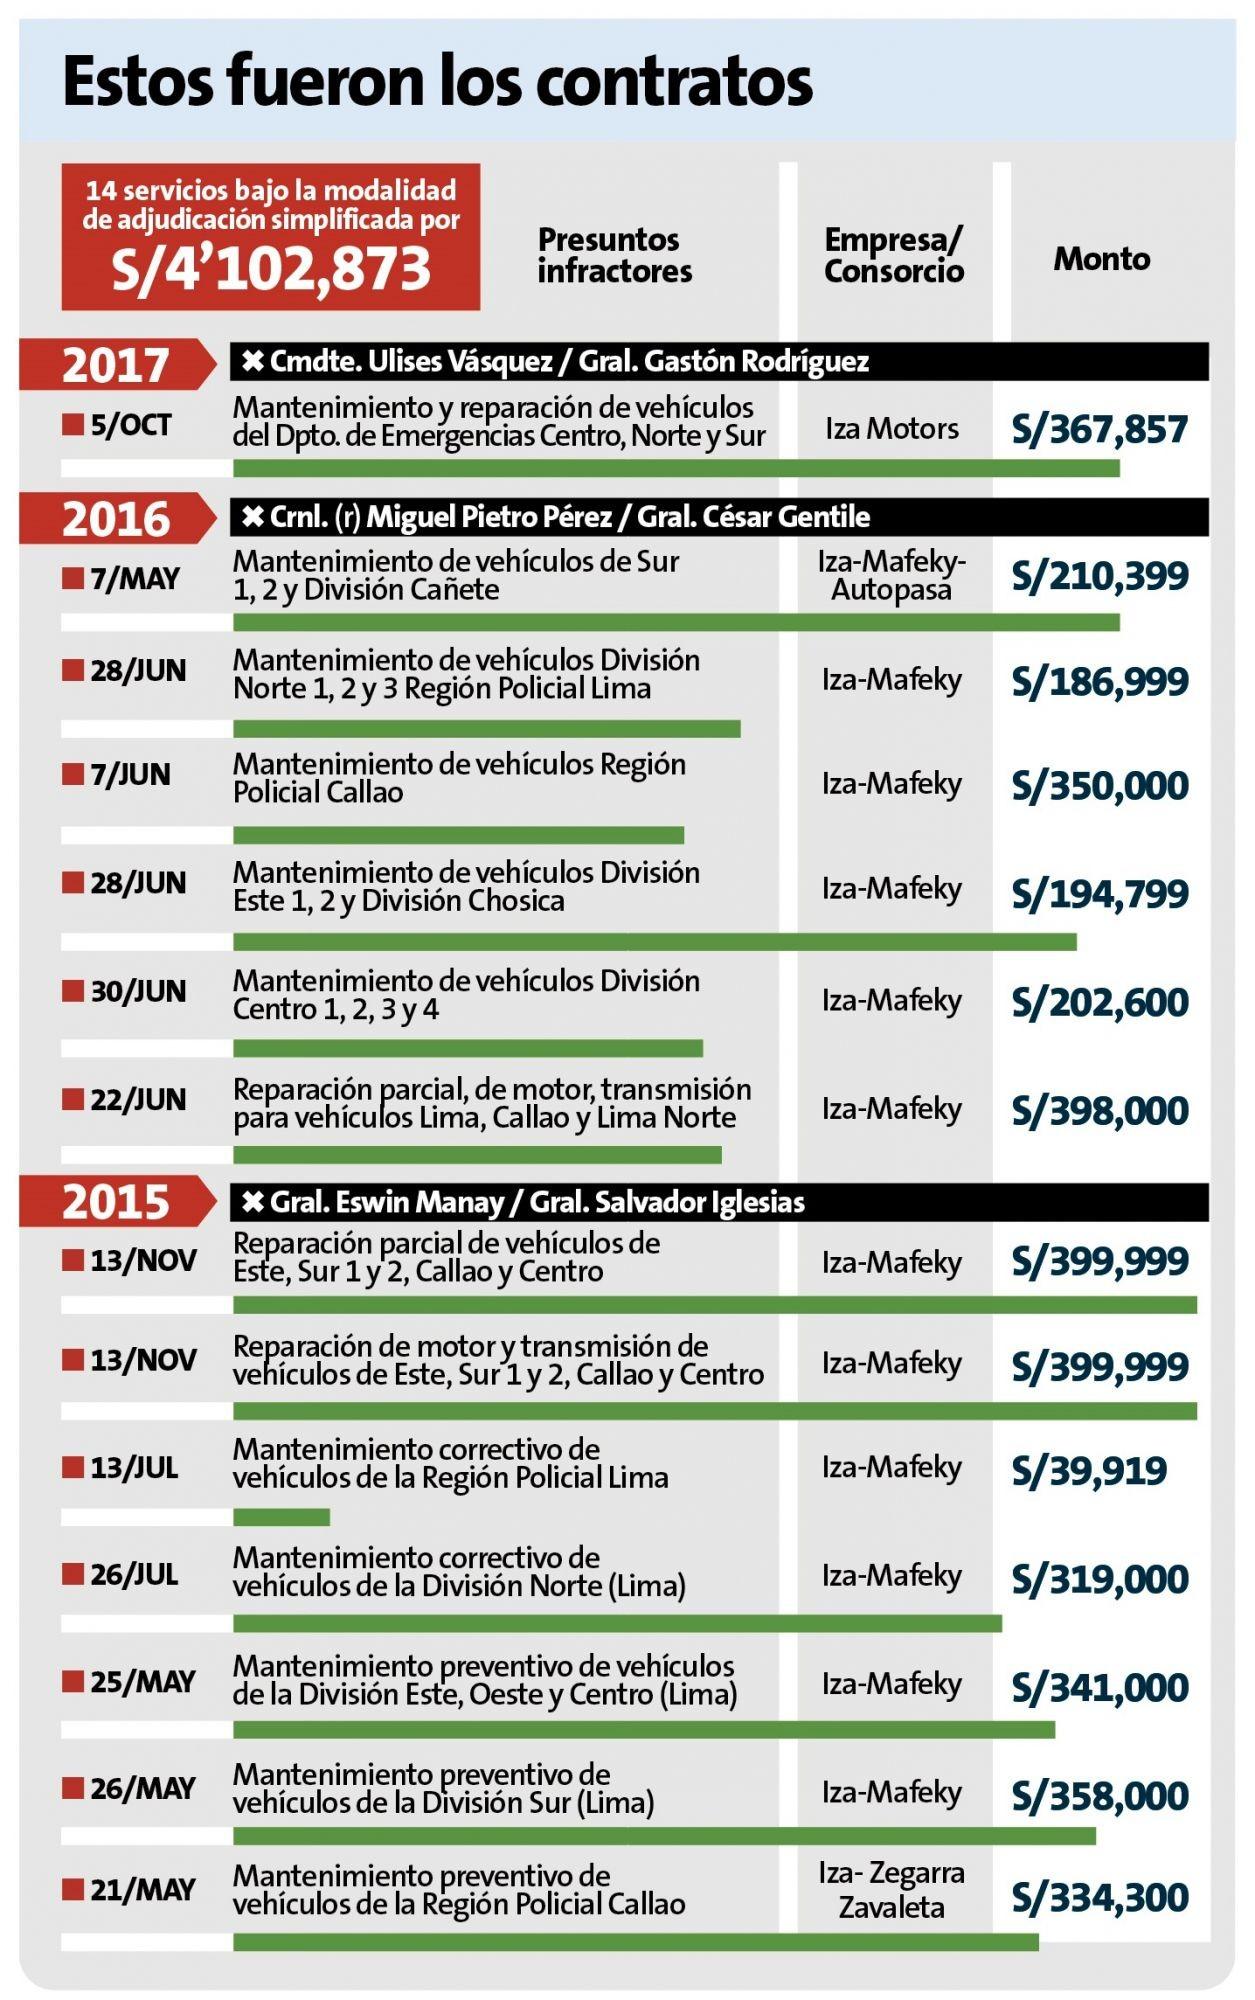 Calendario Oficial De Feriados 2020 Más Reciente Pnp Pag³ Más De S 4 Millones Por Servicios Irregulares De Of Calendario Oficial De Feriados 2020 Más Actual Uso Inv